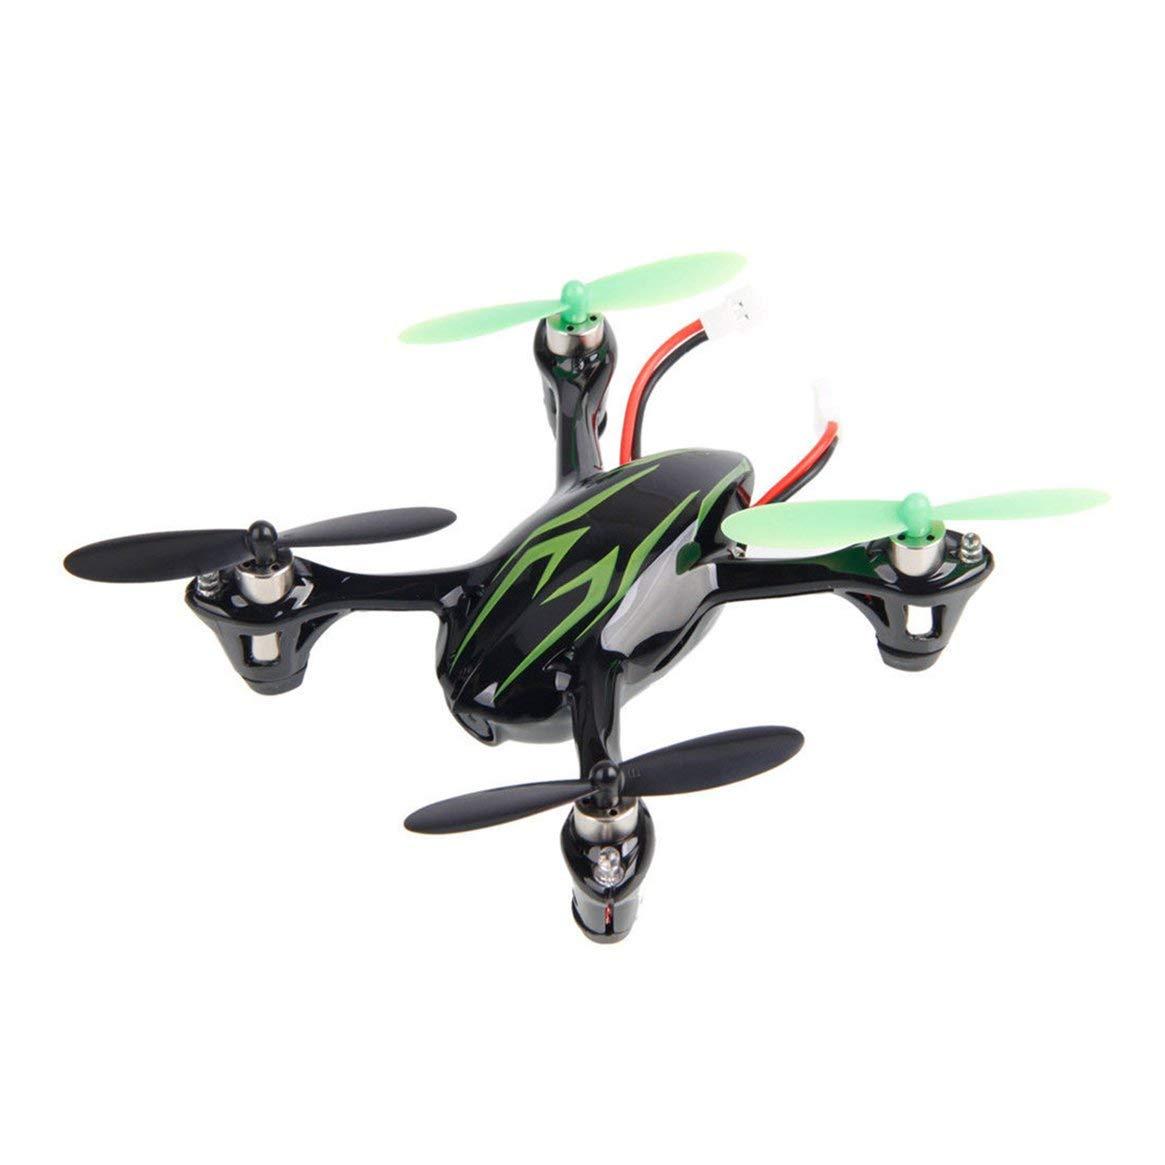 Delicacydex Professionelle RC Hubschrauber Mit 0.3MP Kamera H107C 2,4G 4 Kanäle Drohne RC Quadcopter Fotografie Videogerät - Schwarz & Grün